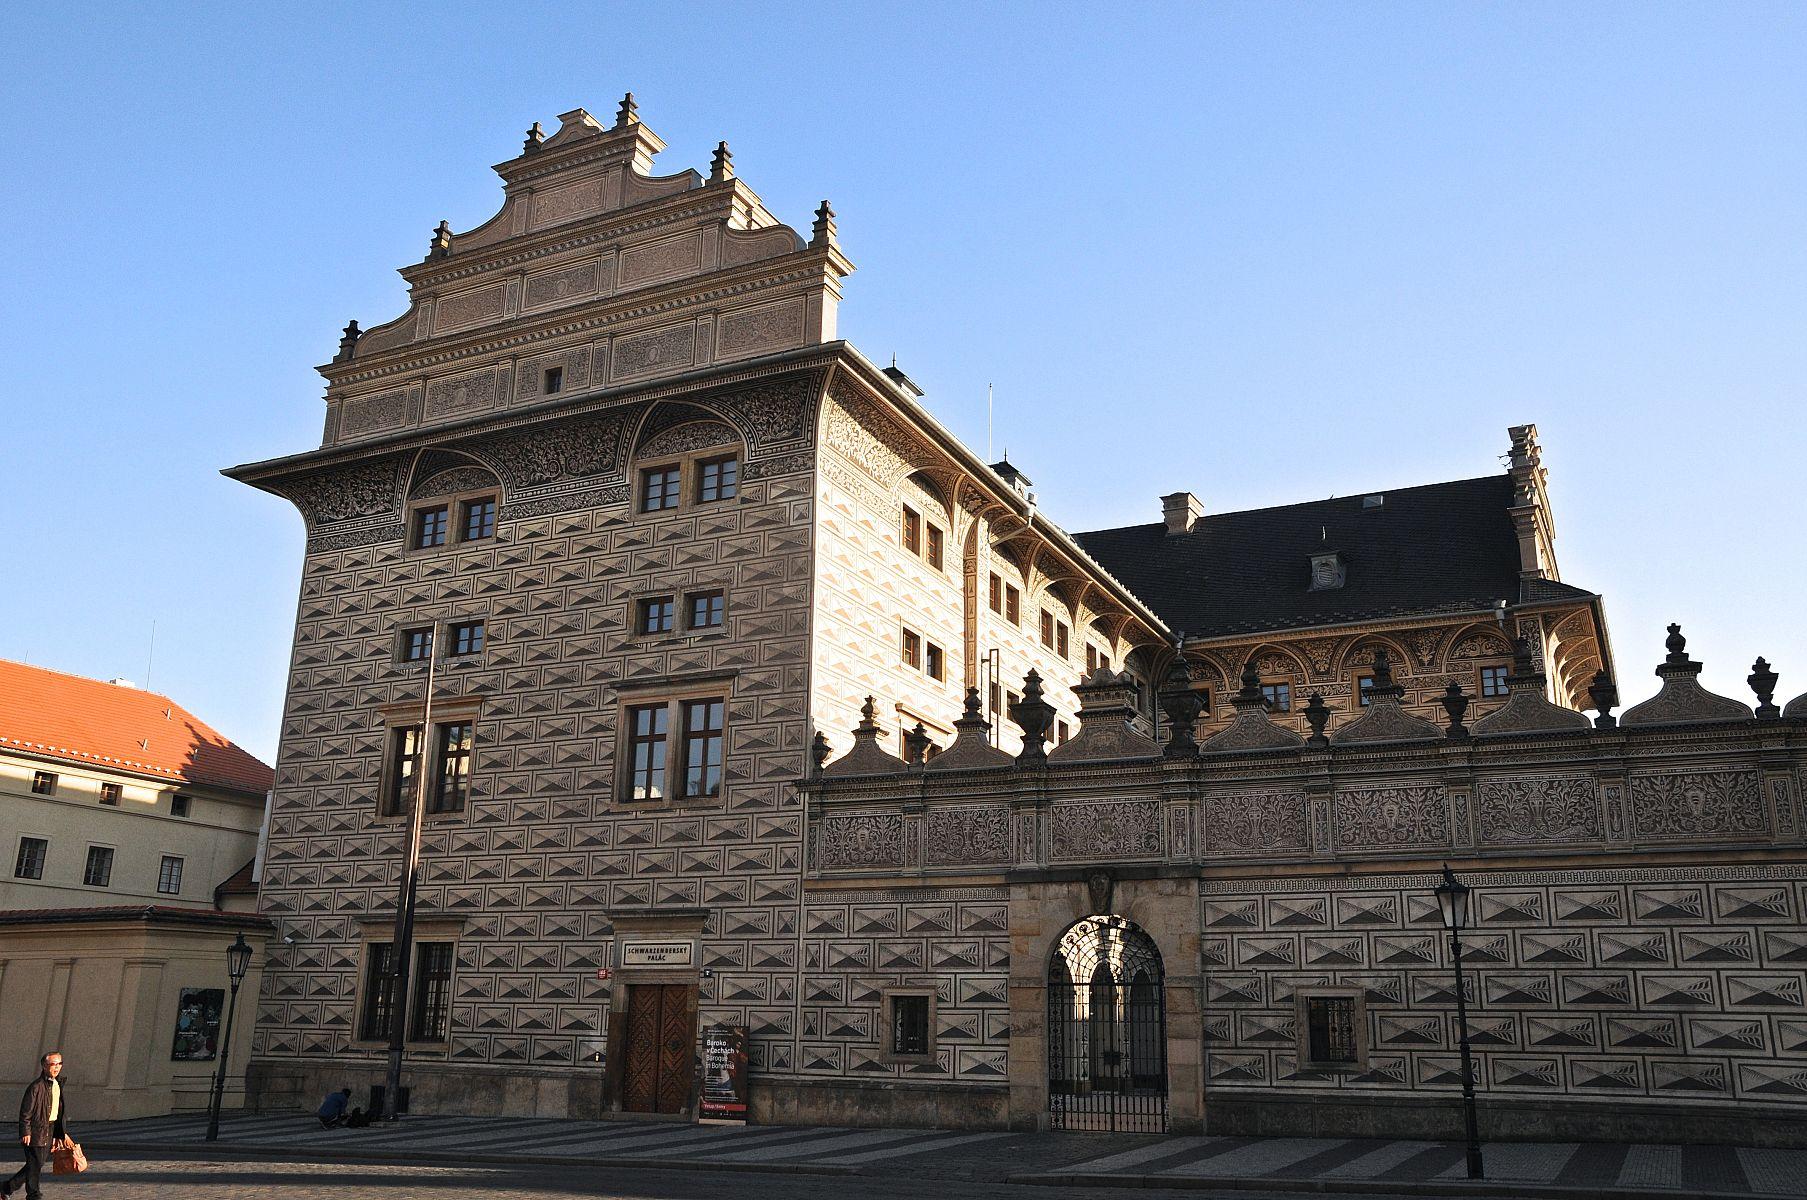 Palatul Schwarzenberg - O călătorie arhitecturală prin Praga, orașul celor 100 de clopotnițe - partea I